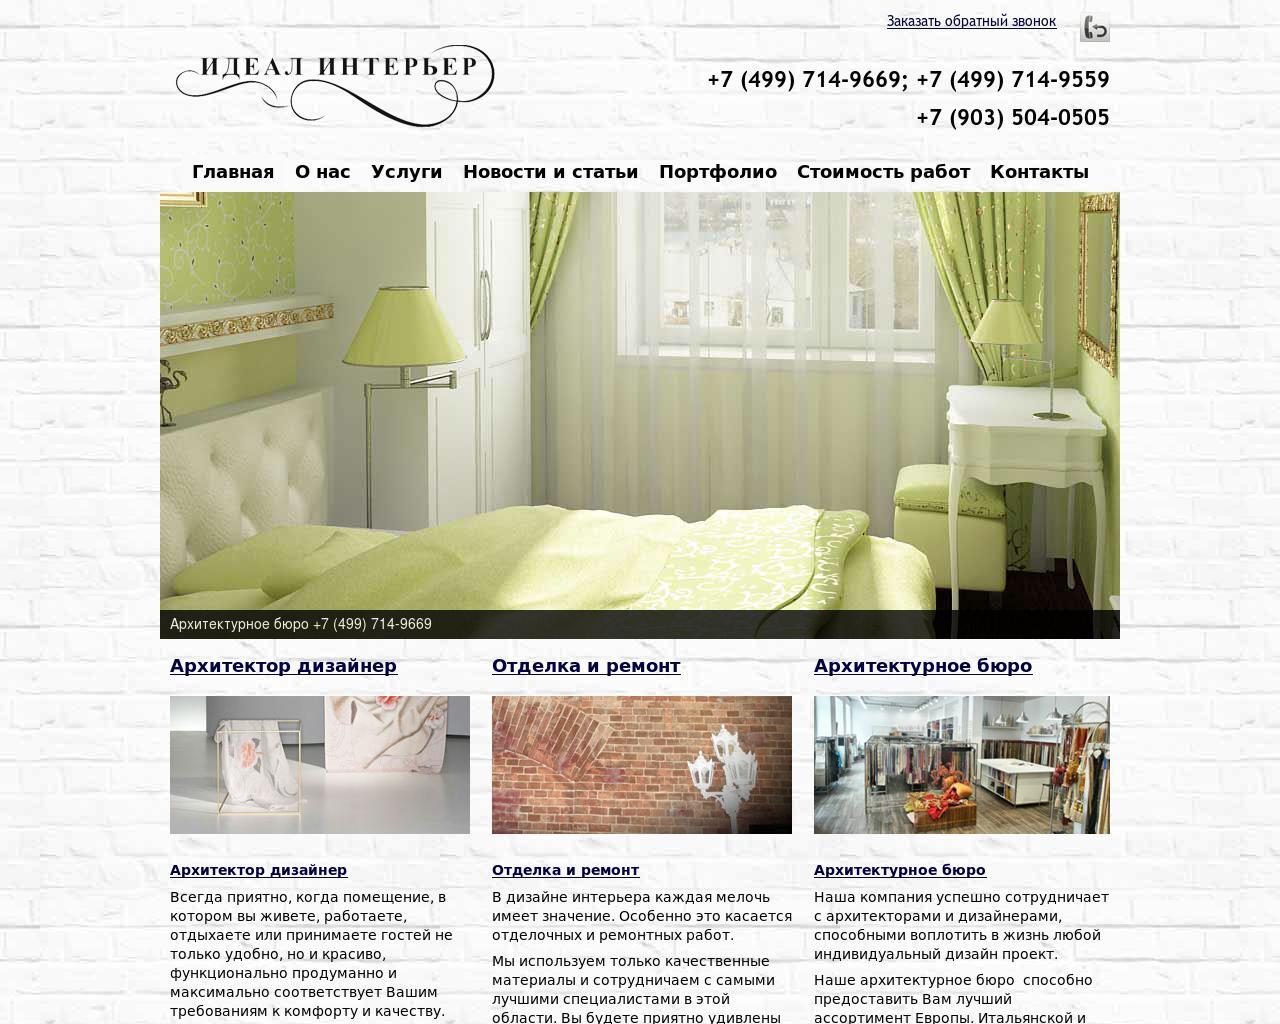 Il sito ufficiale del Garda a Mosca